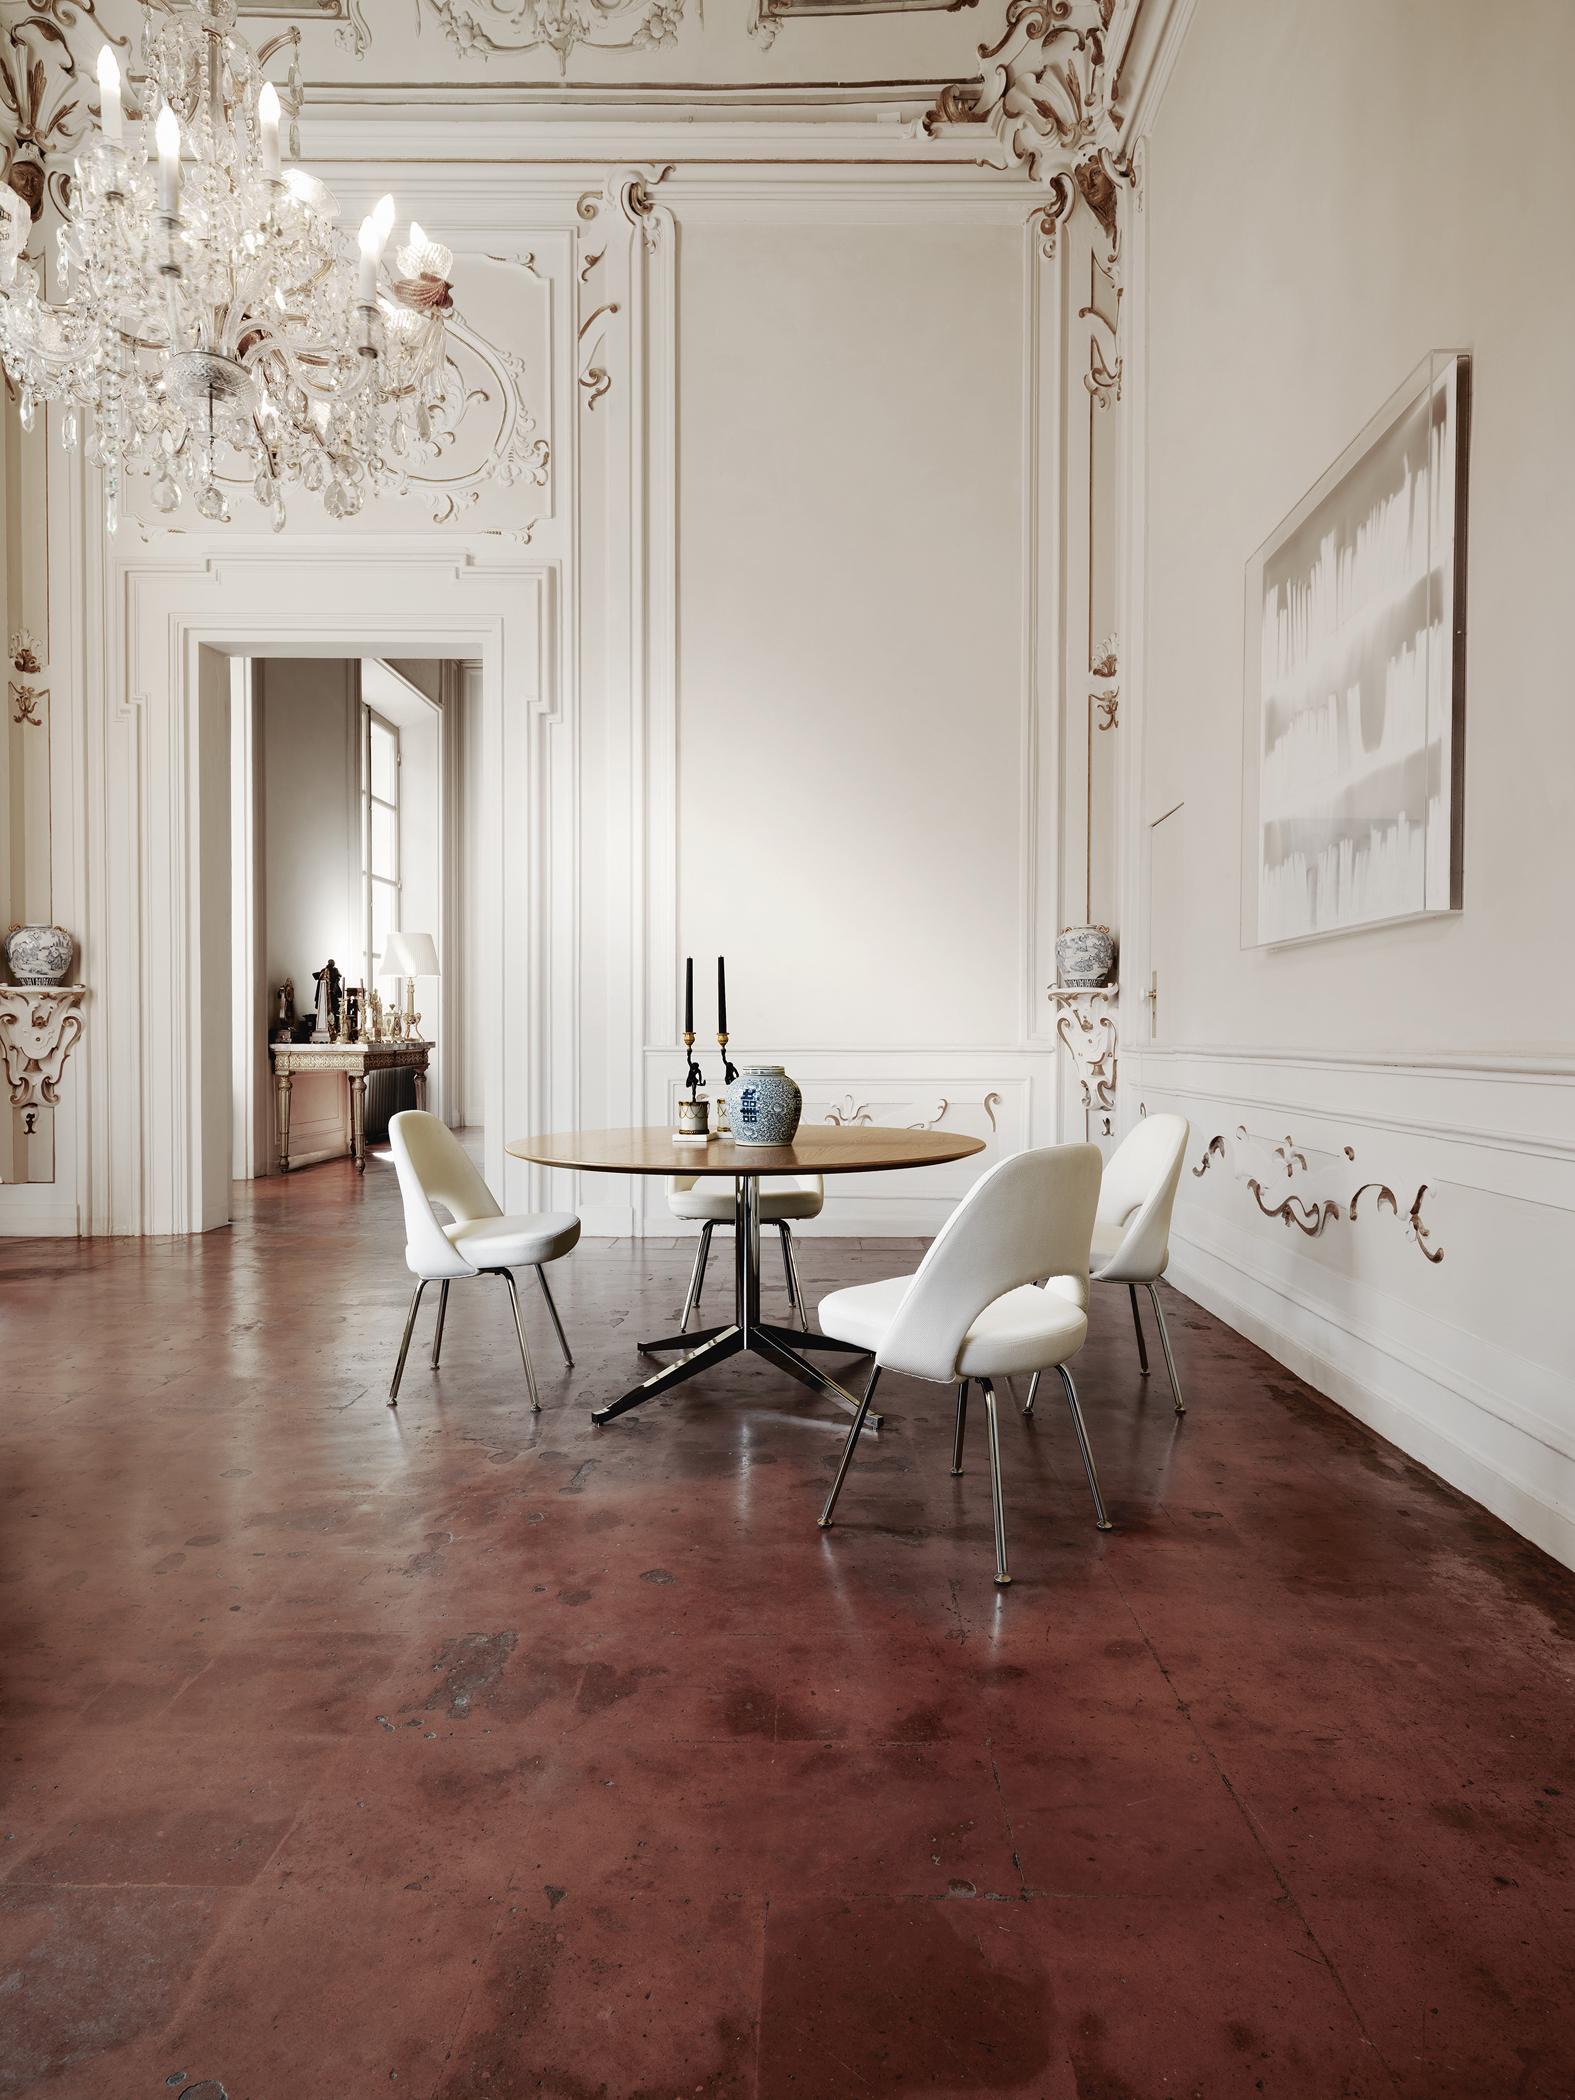 Klassische Sitzecke In Barockem Altbau Holztisch Wohnzimmer Esstisch Kronleuchter